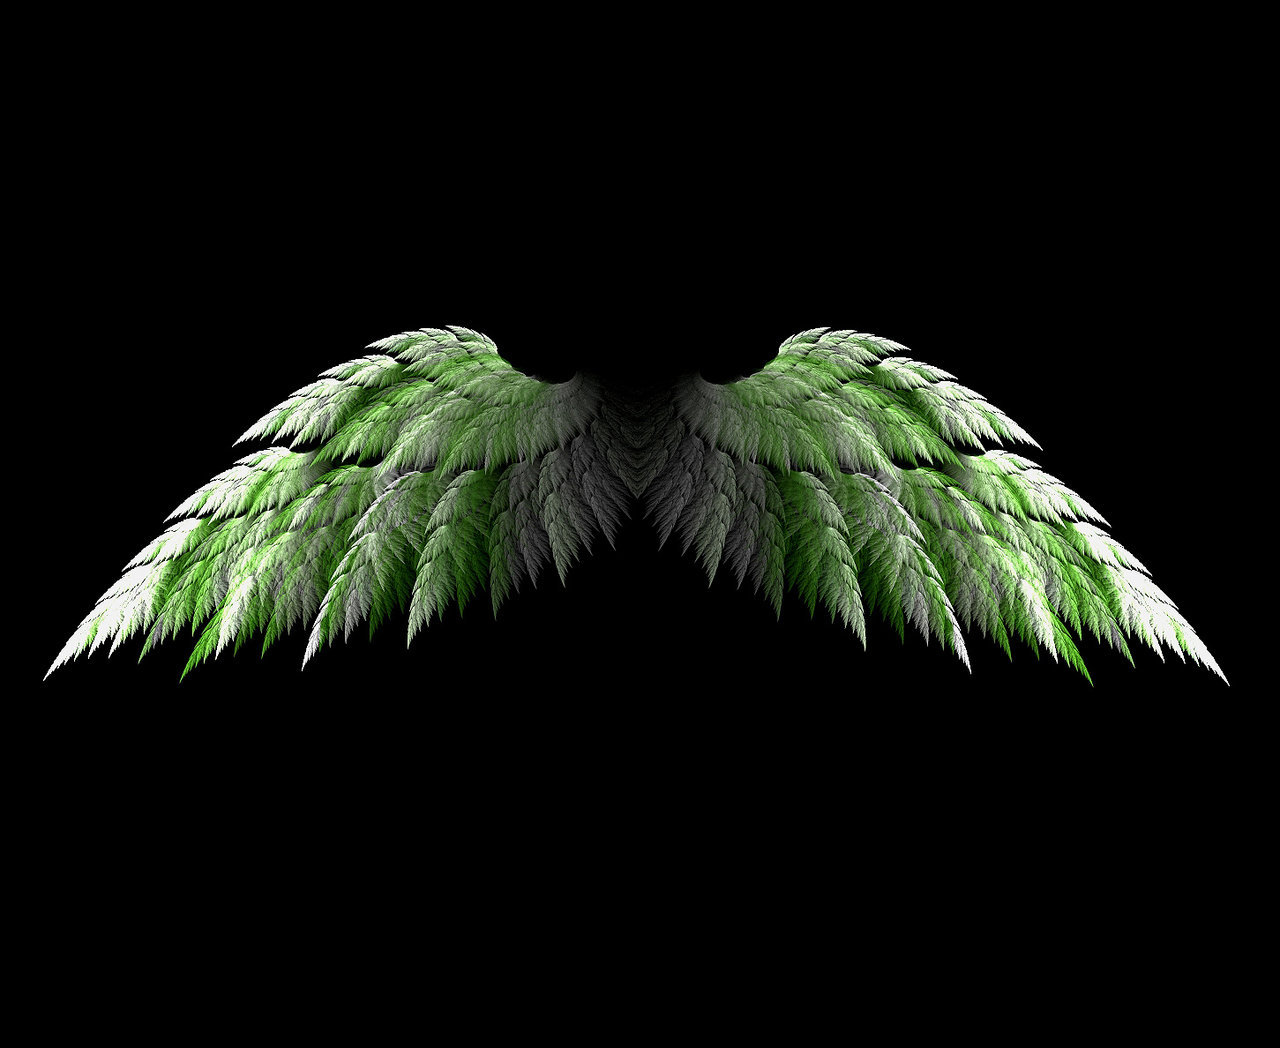 angel wing wallpaper   Quotekocom 1280x1048